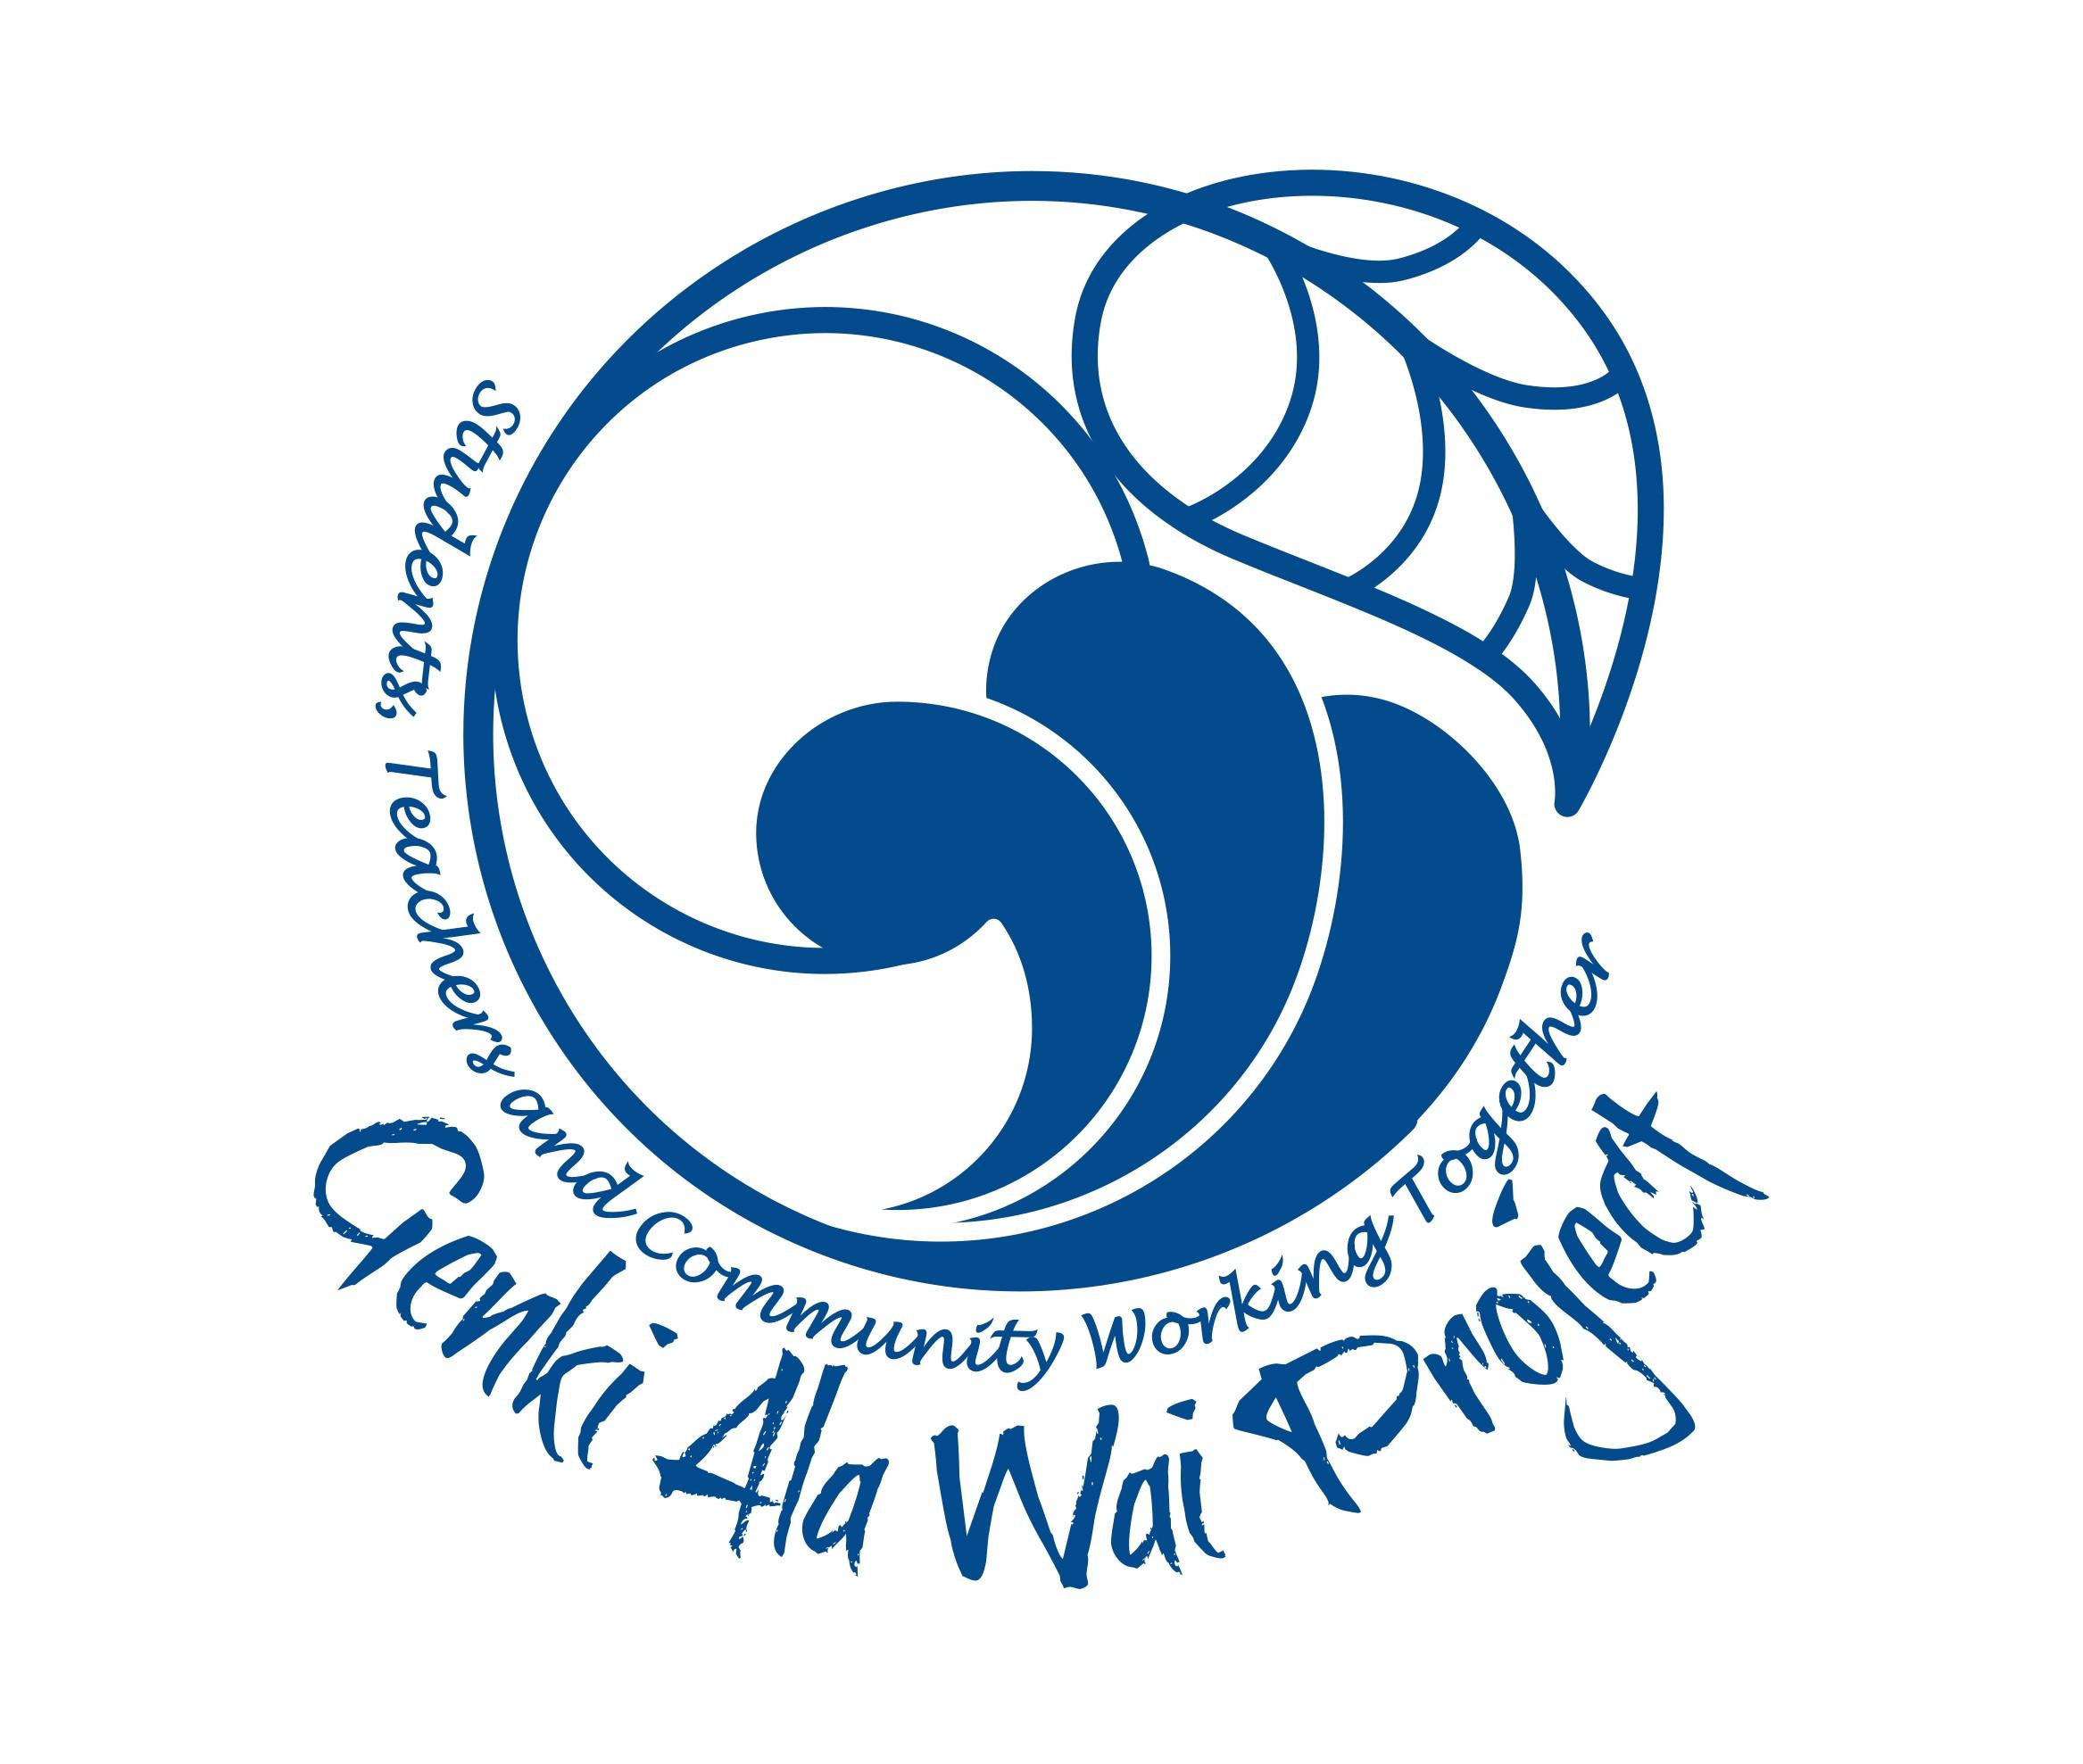 genki ala wai project logo.jpg